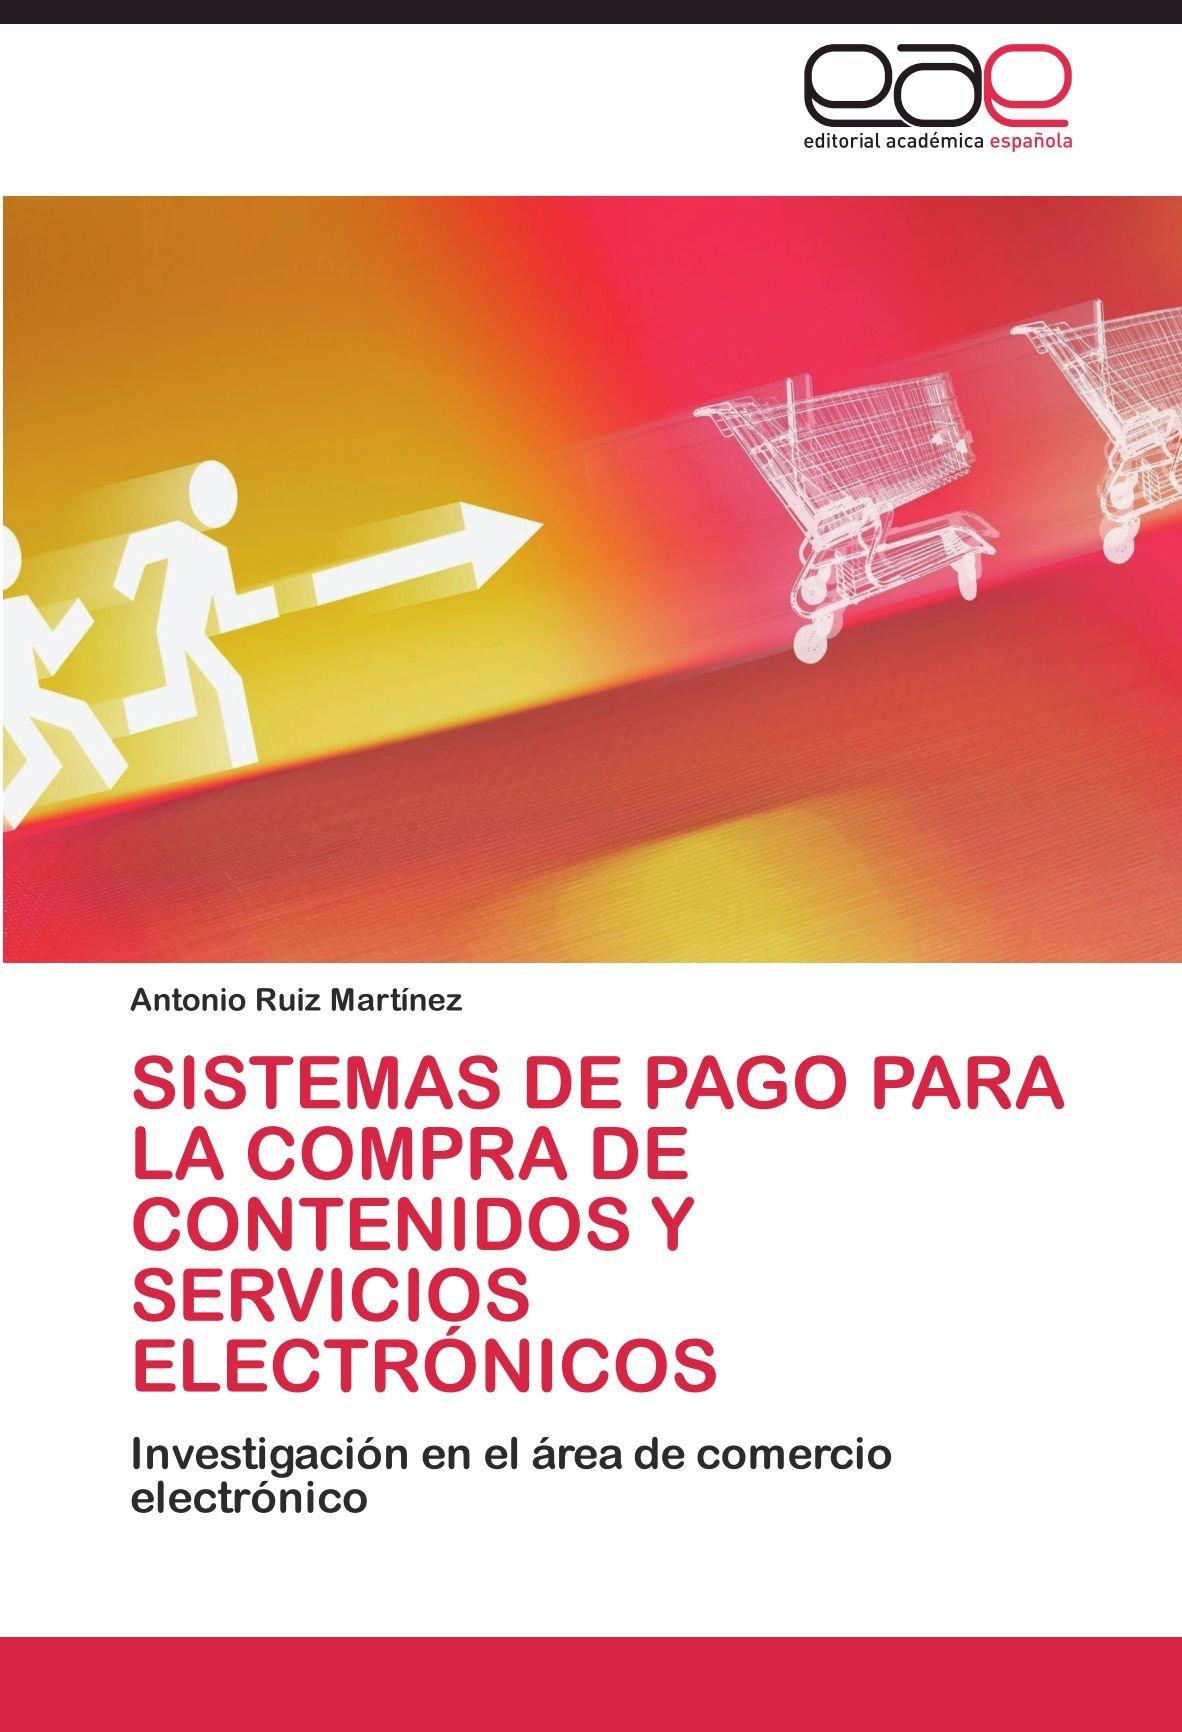 Sistemas de pago para la compra de contenidos y servicios electrónicos: Amazon.es: Ruiz Martínez Antonio: Libros